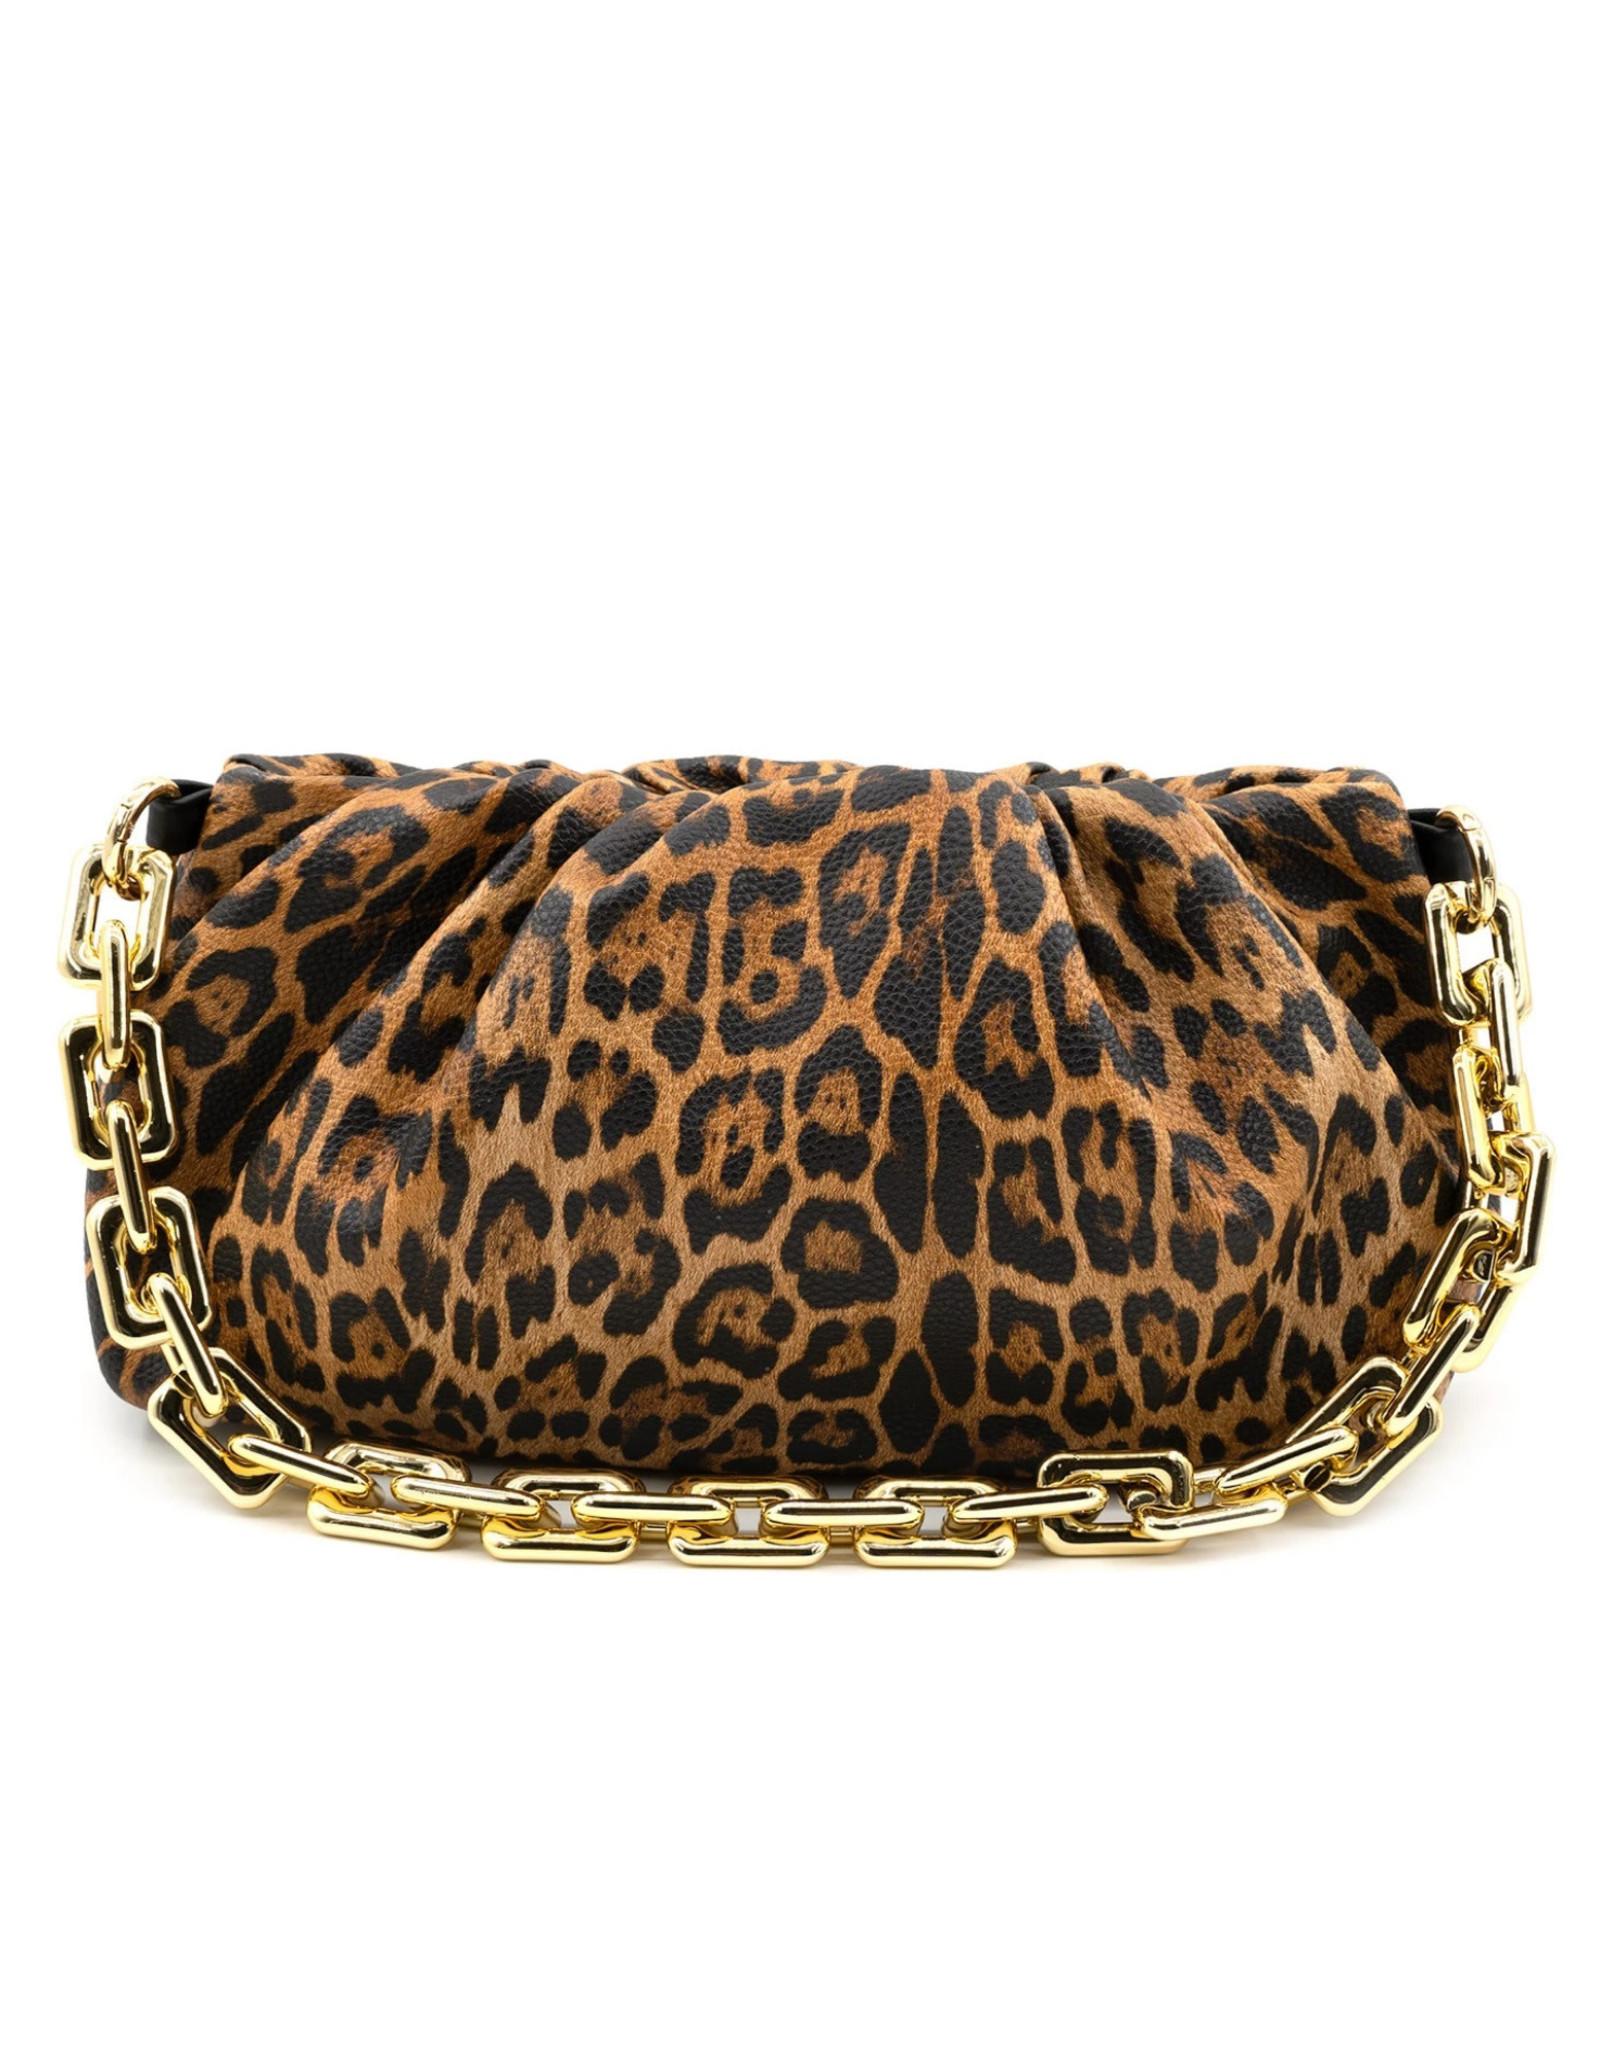 Valerie Leopard Clutch